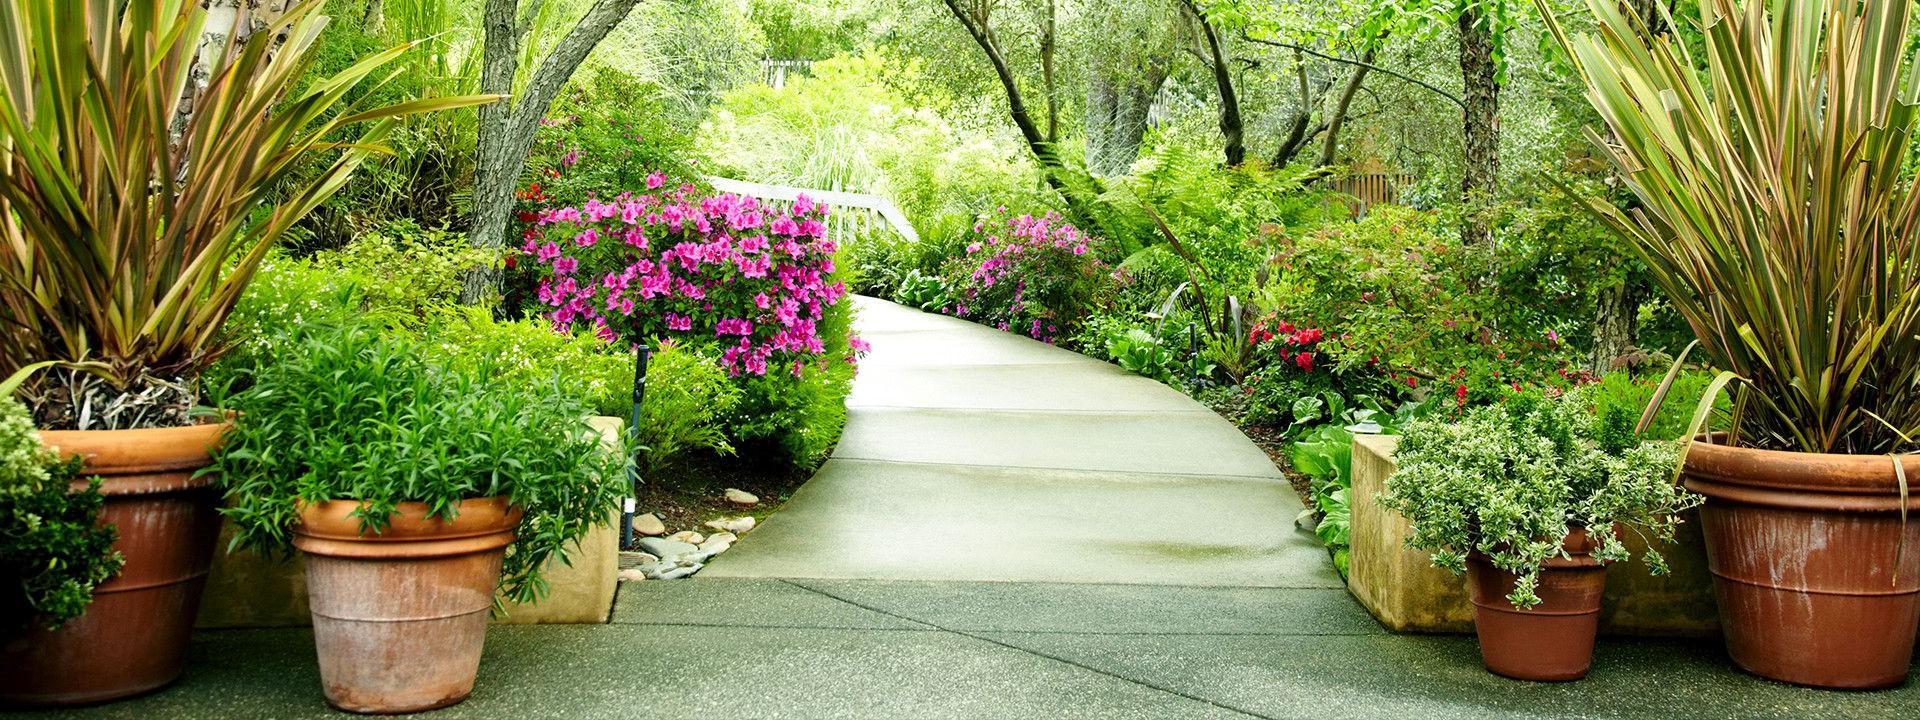 Resources   Serenity Gardens